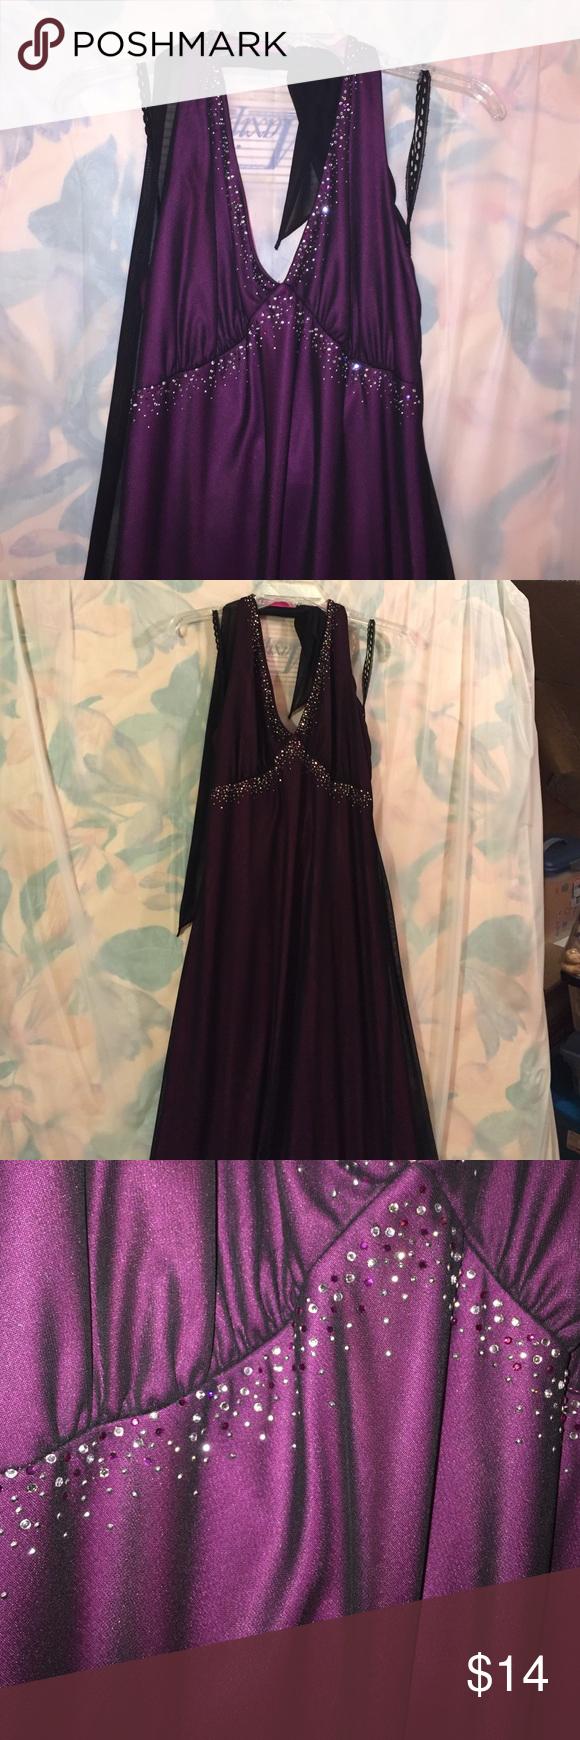 Dark purple long chiffon dress chiffon dress long dark purple and